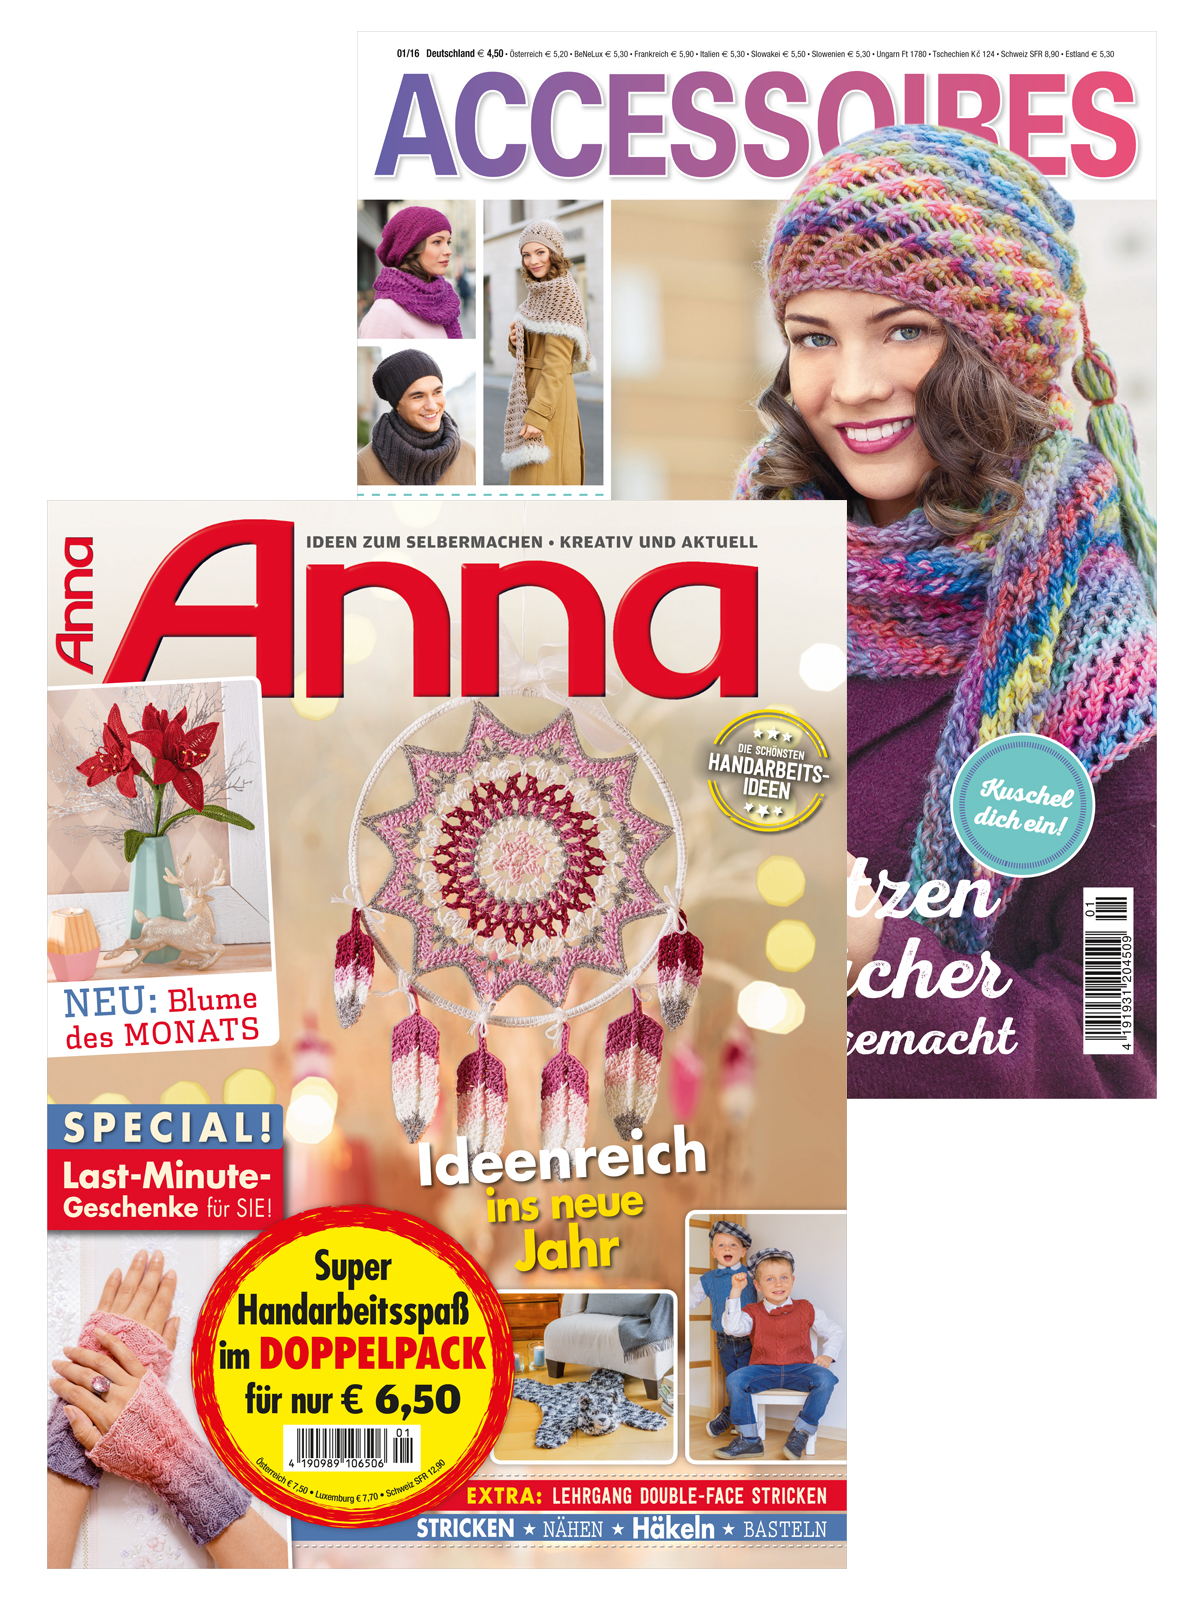 2 Zeitschriften: Anna Nr. 1/2020 und Accessoires 1/2016 (Mützen & Tücher)